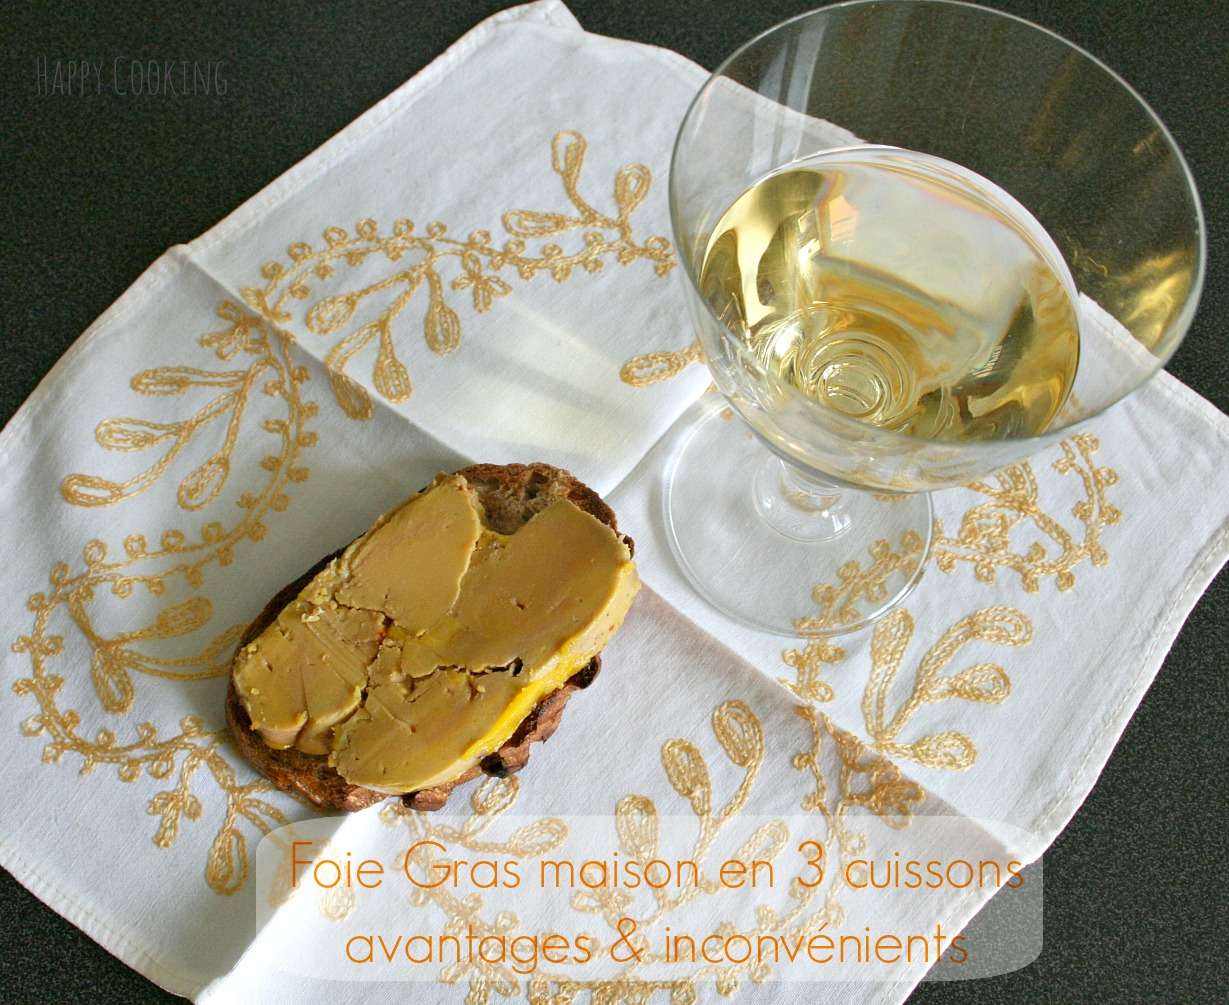 Foie gras maison en 3 m thodes avantages et inconv nients happy cooking - Faire son foie gras maison ...